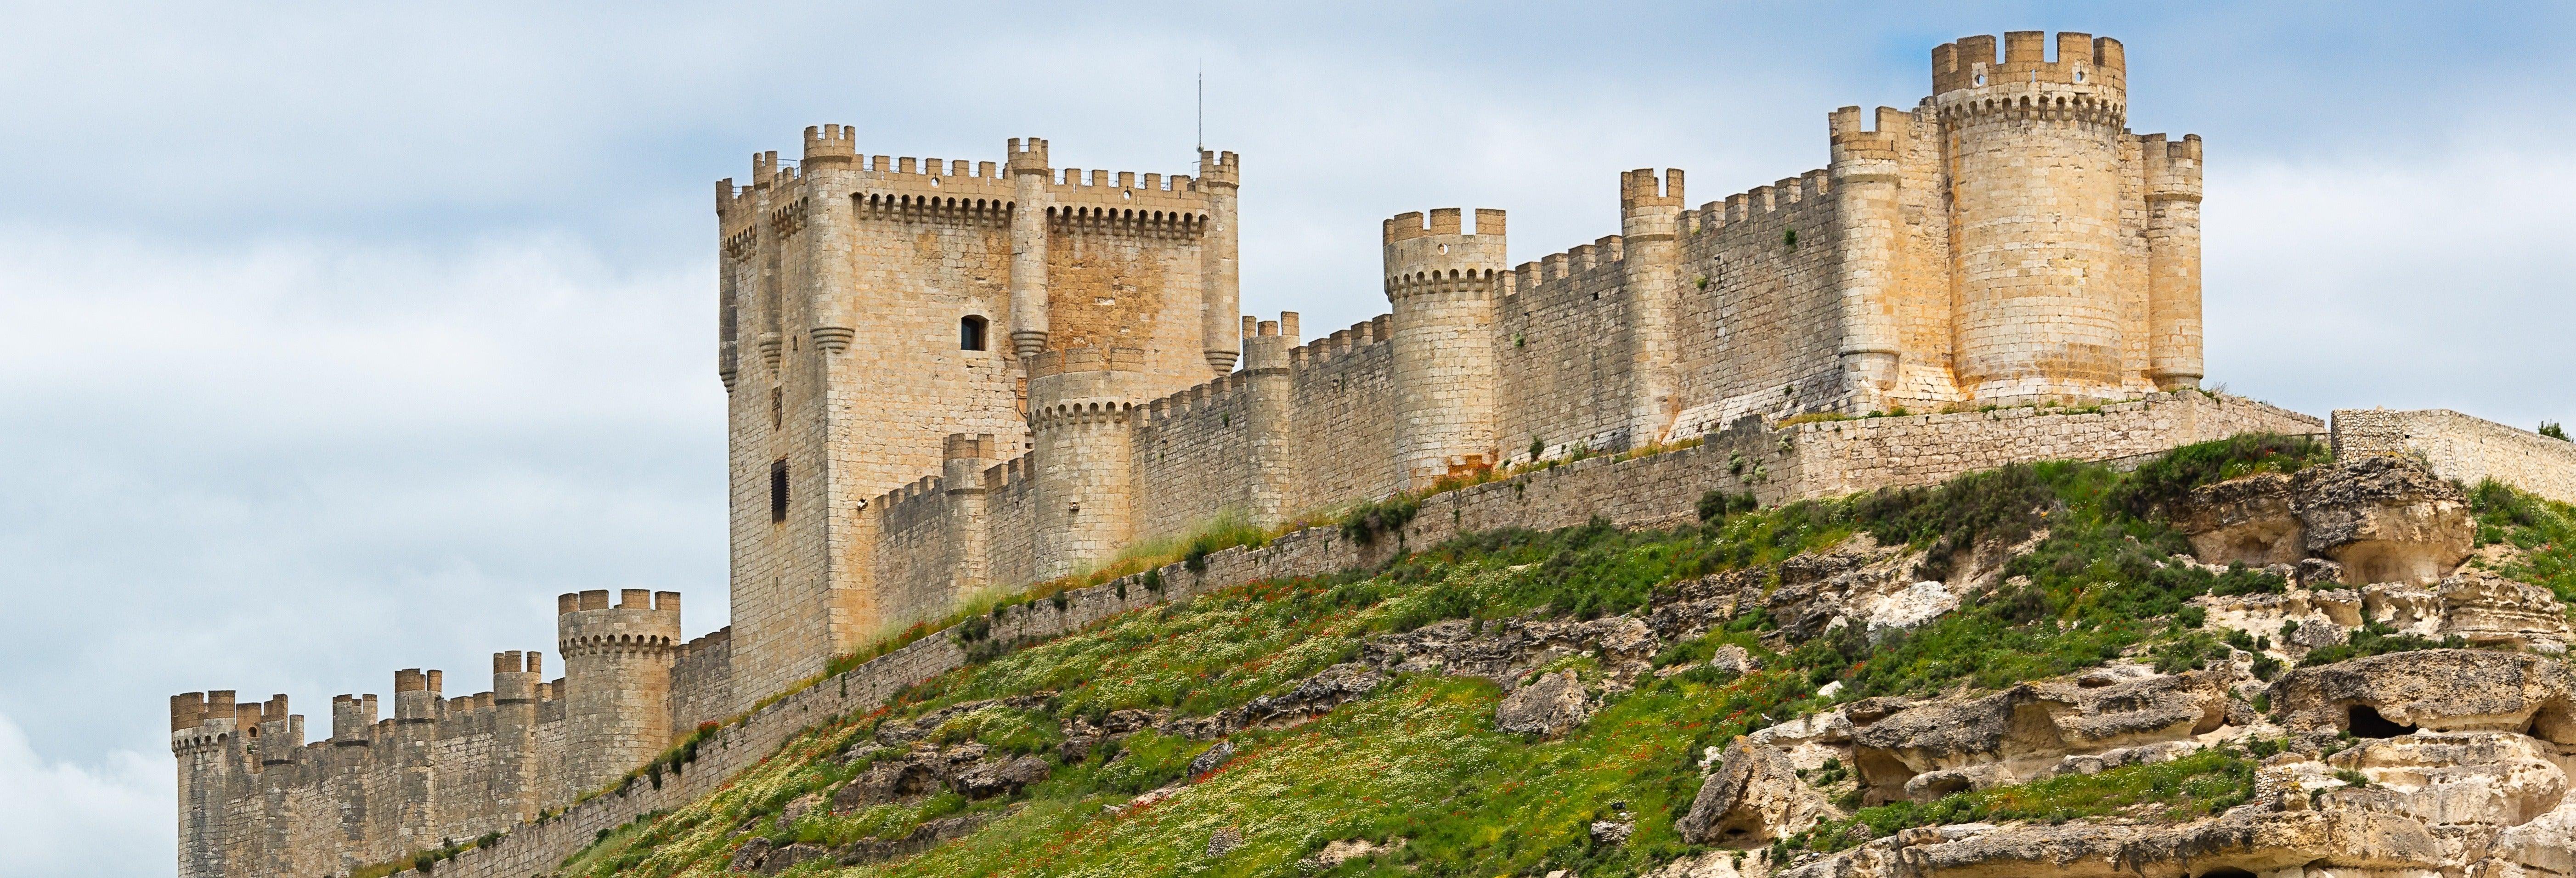 Visita guiada pelo castelo de Peñafiel + Museu do Vinho